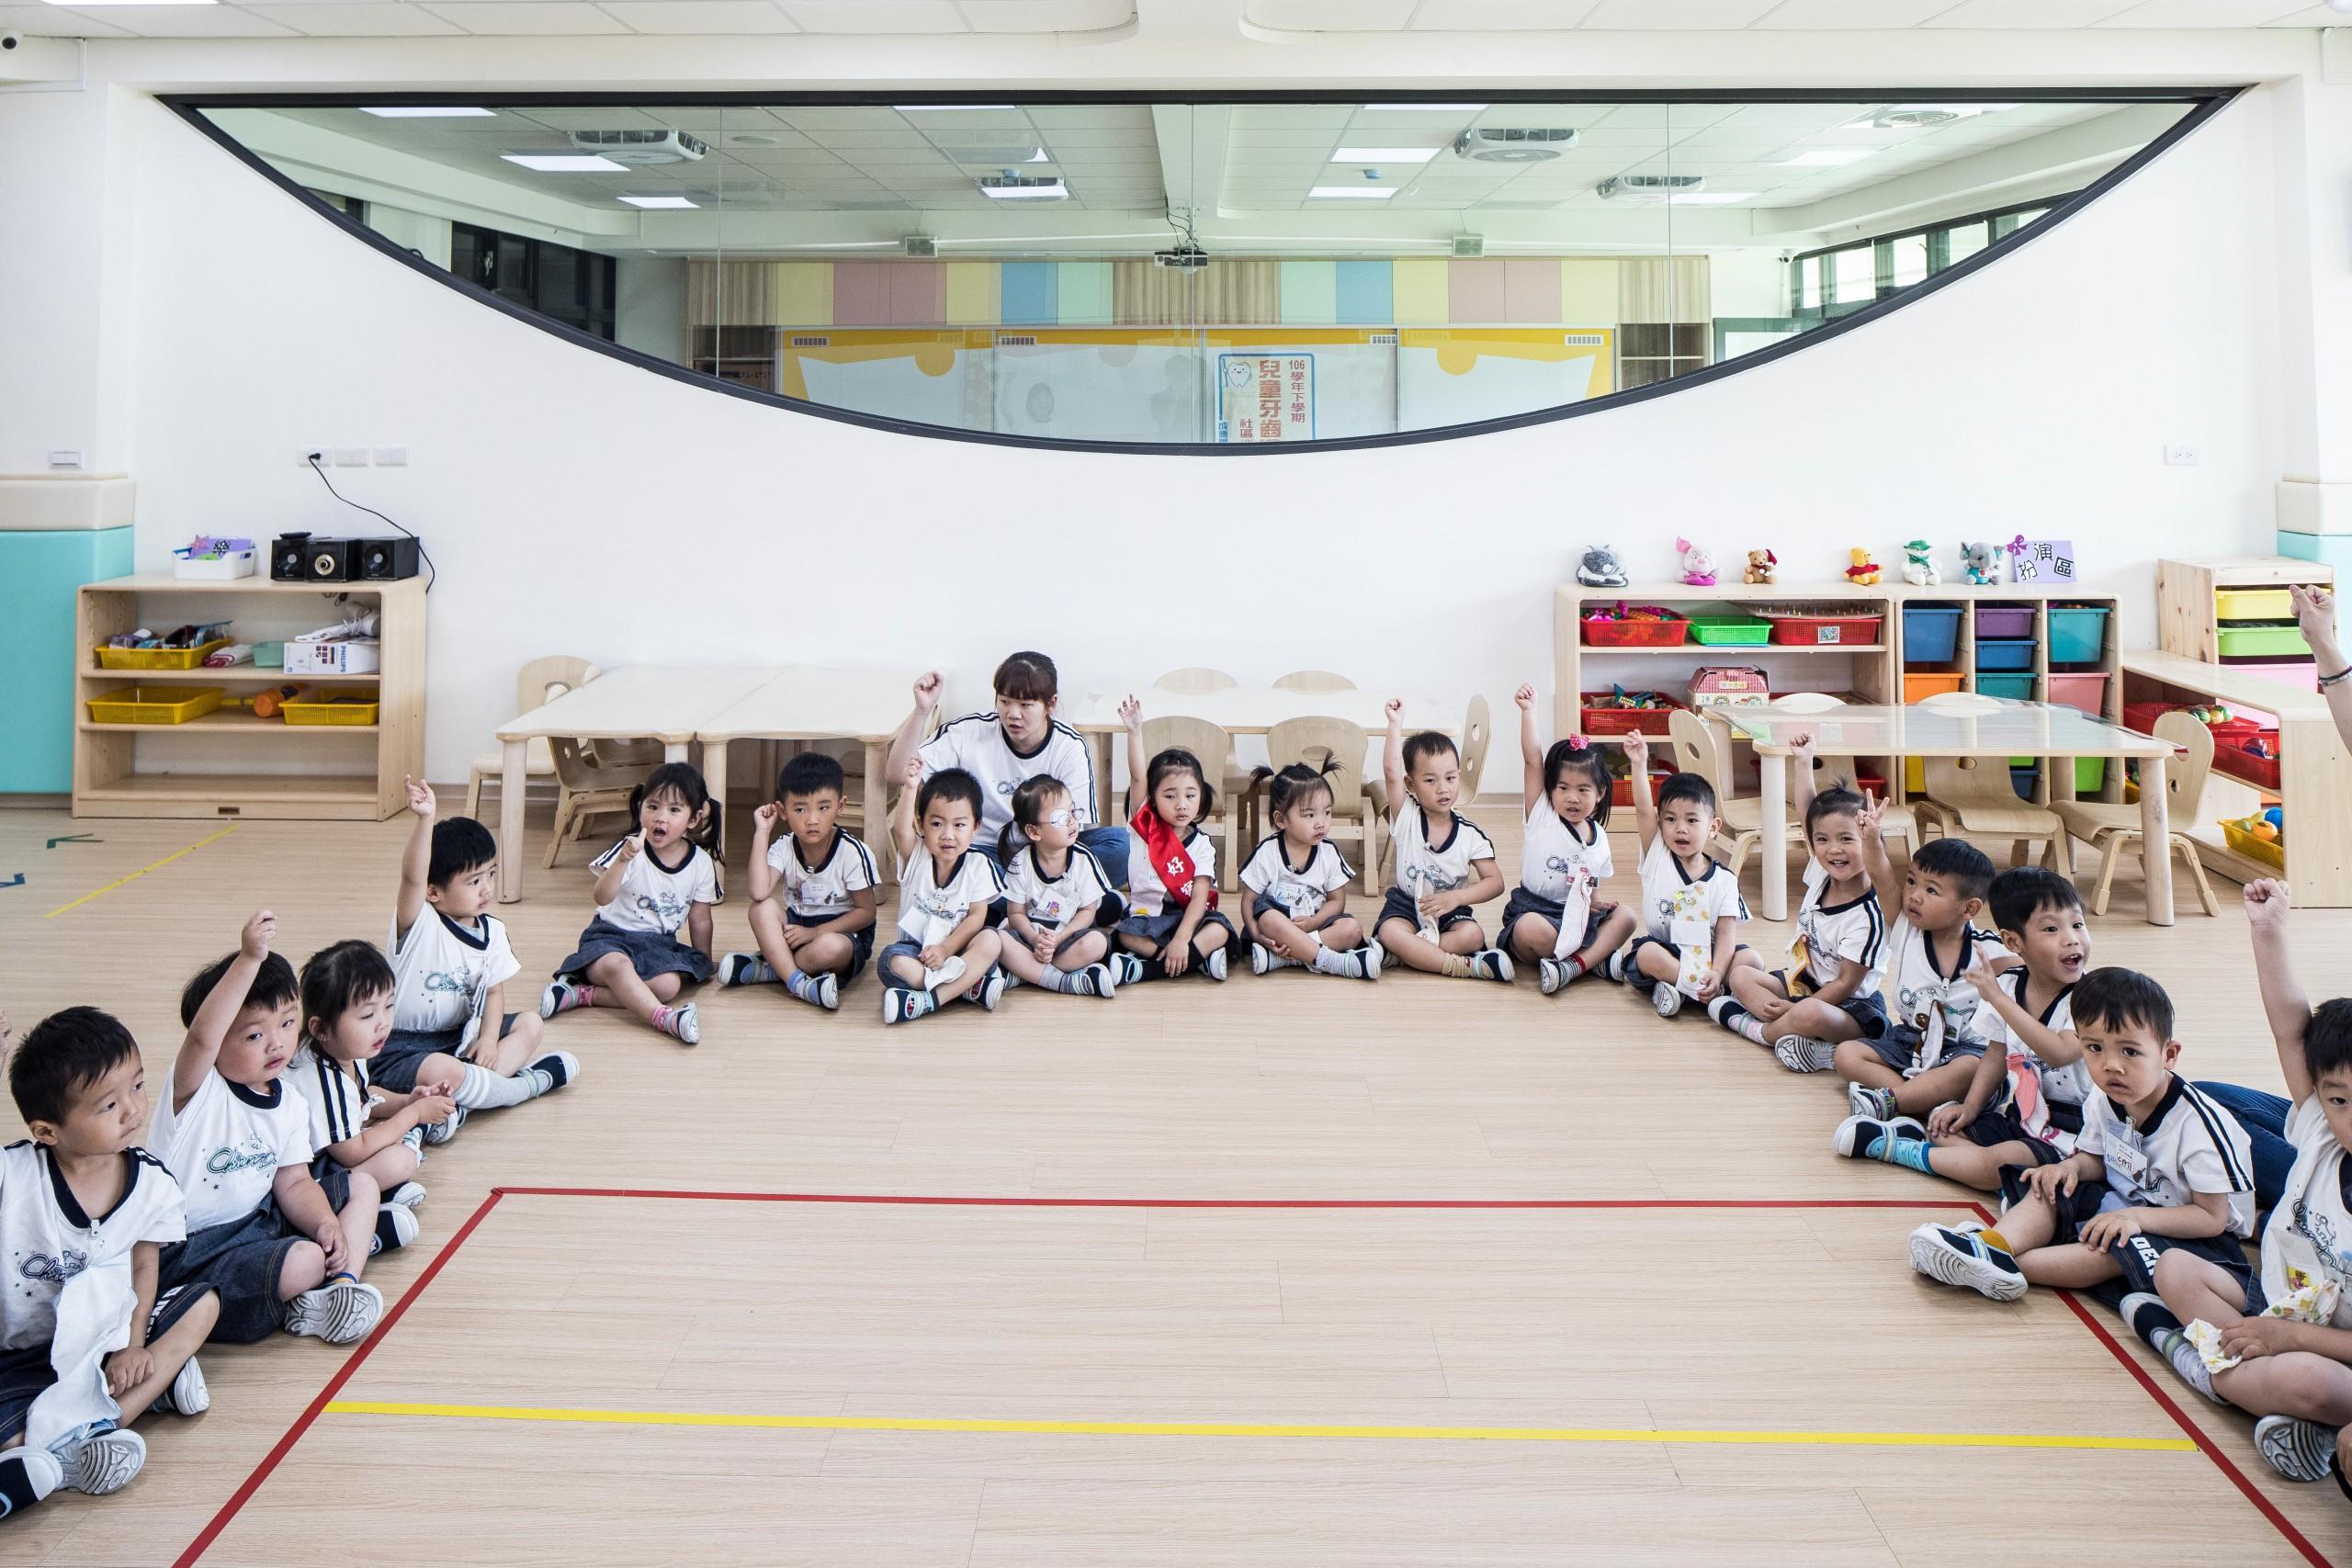 新北市成德幼兒園,宜蘭建築師,德築建設